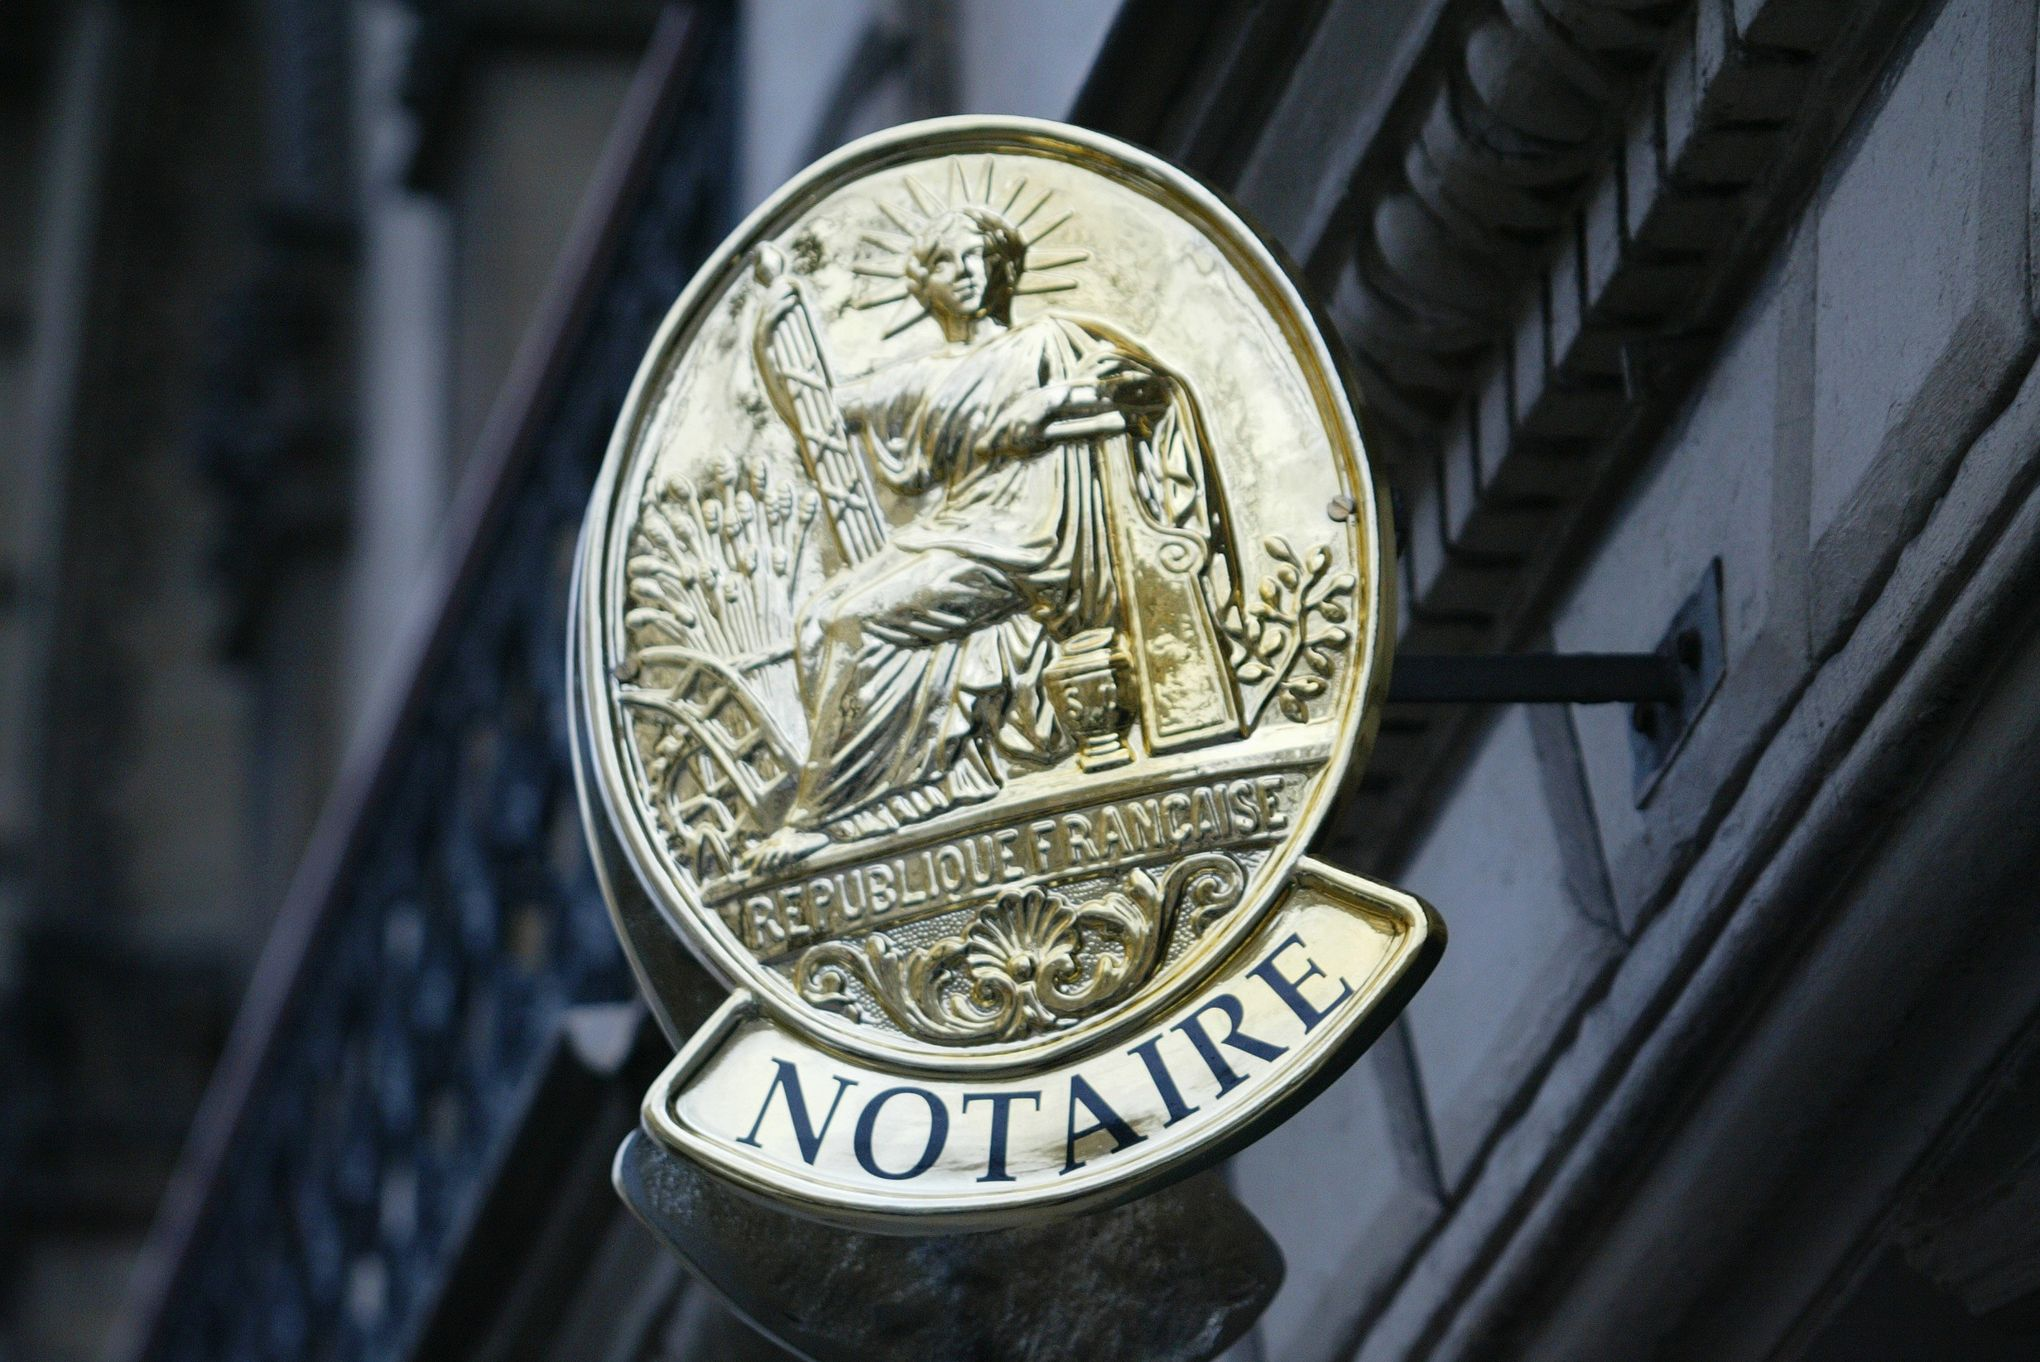 Les Notaires Epingles Pour Avoir Percu Des Interets Au Detriment De